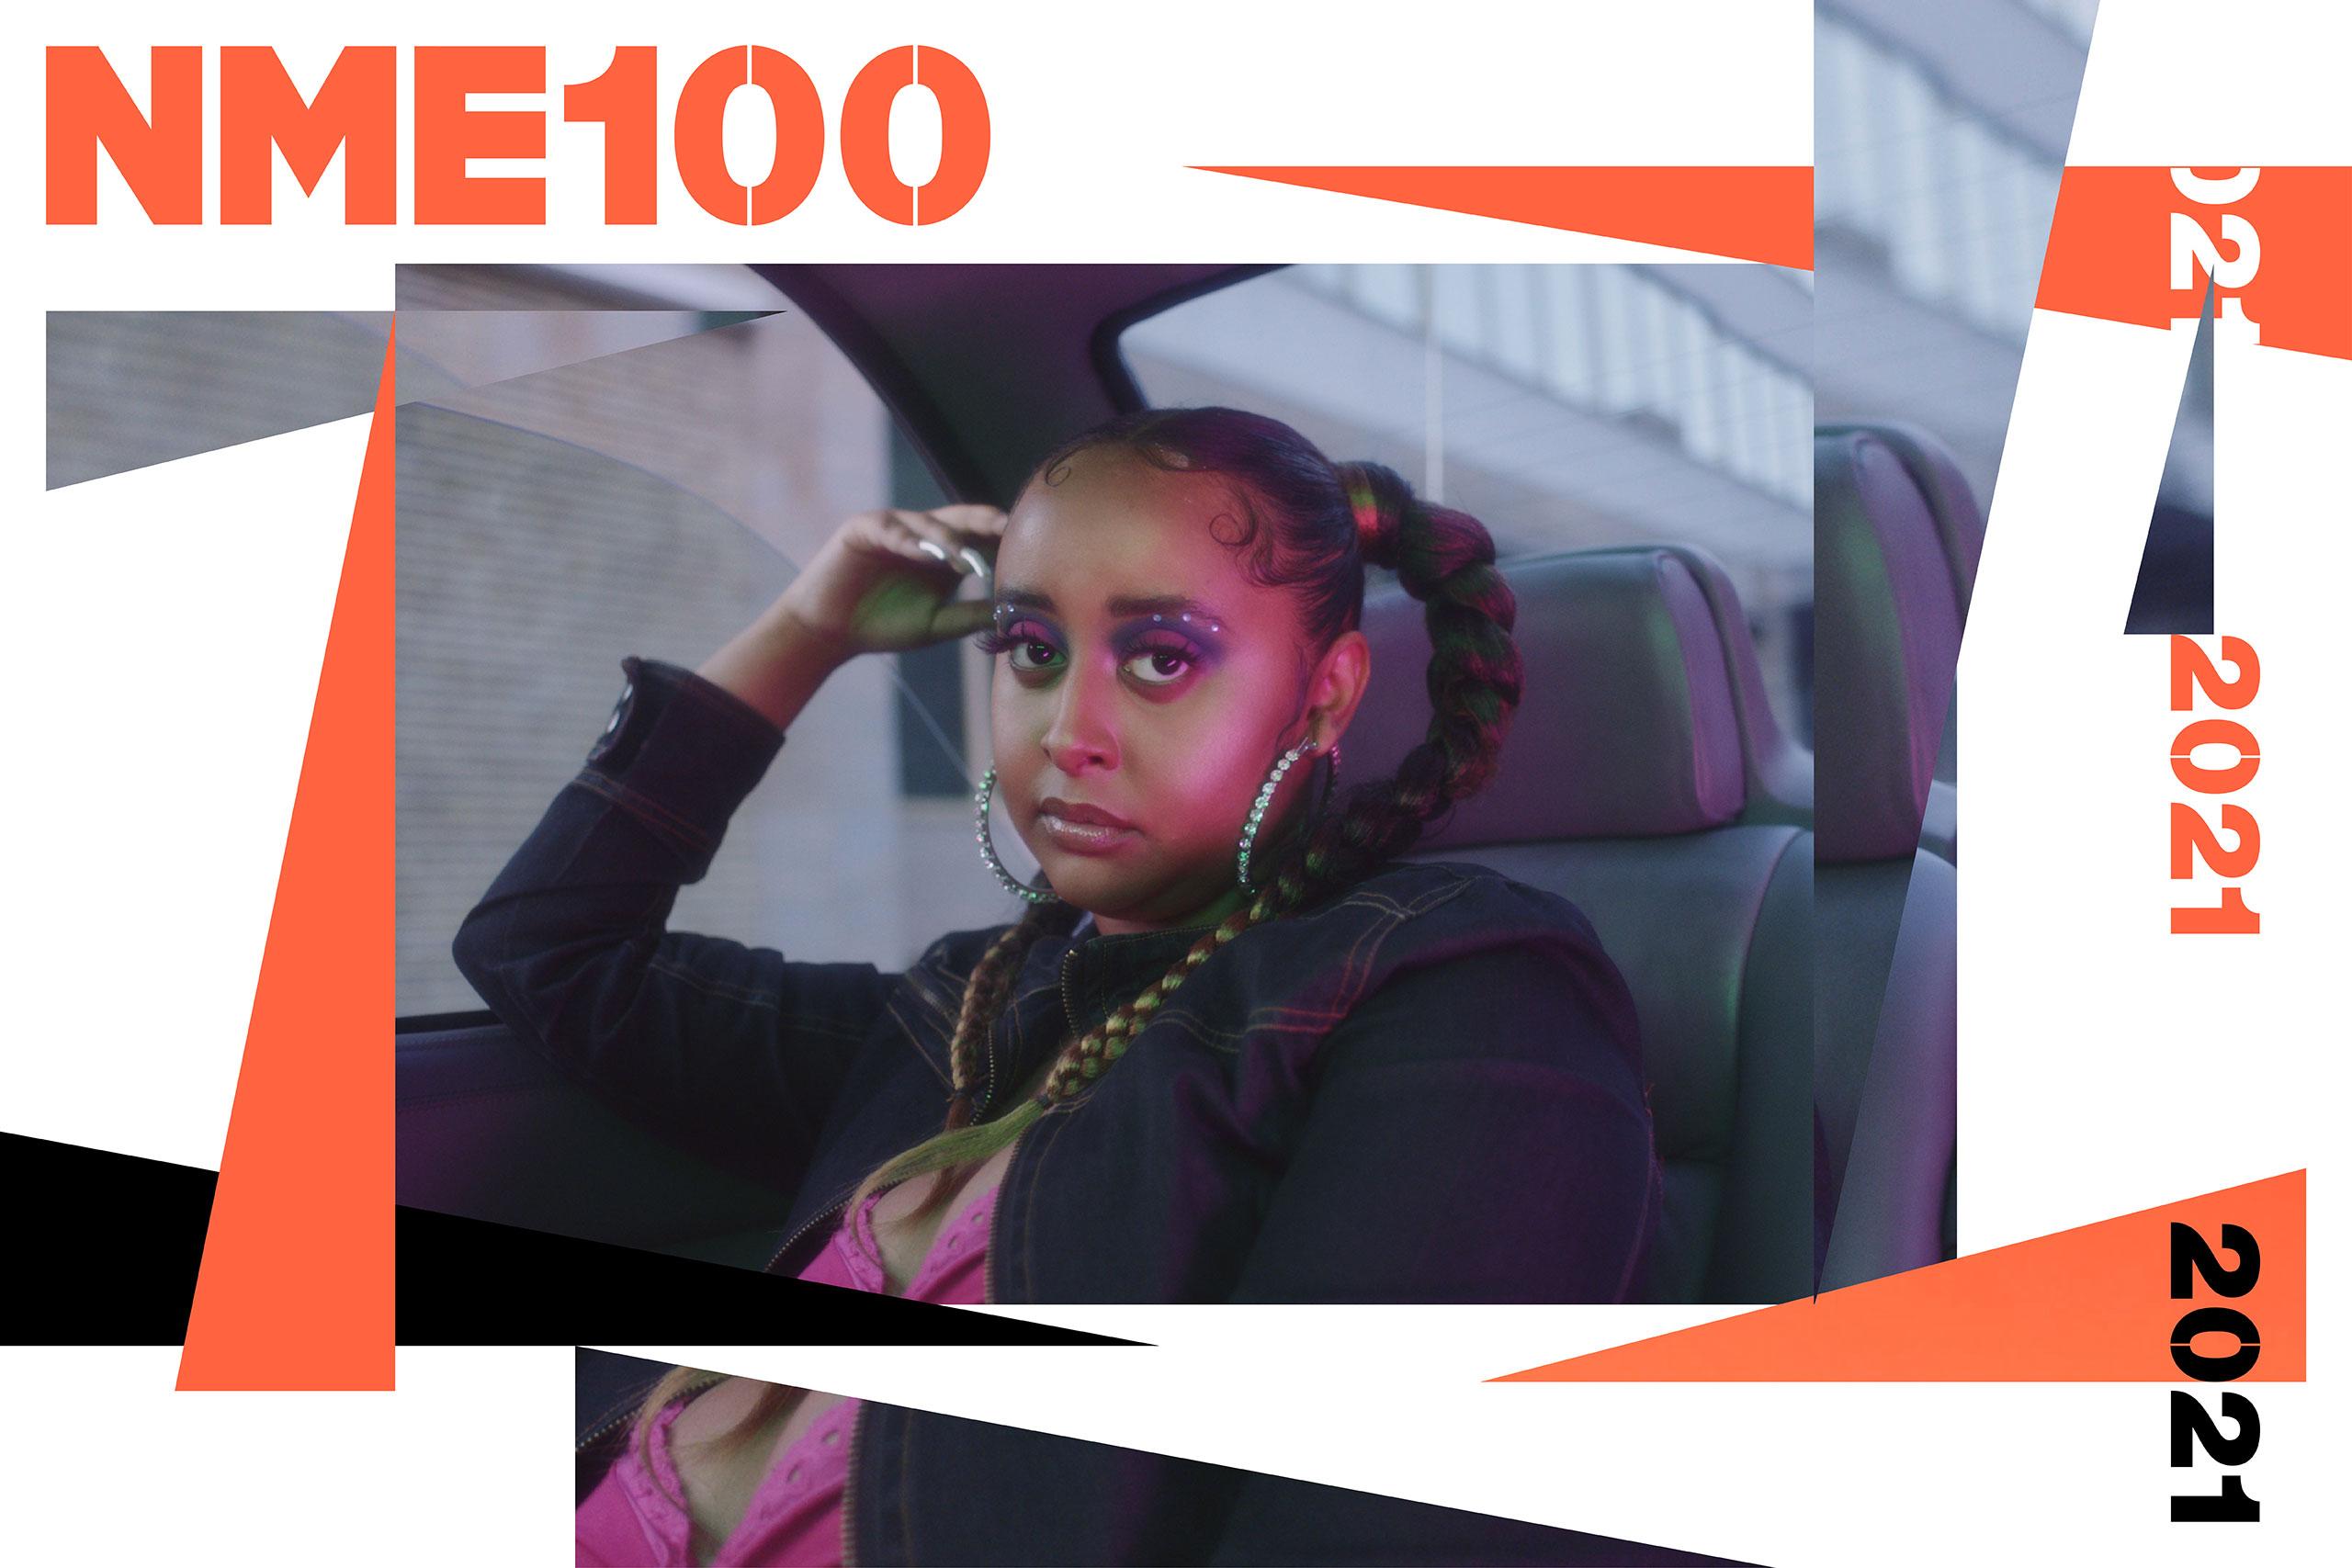 NME 100 raheaven